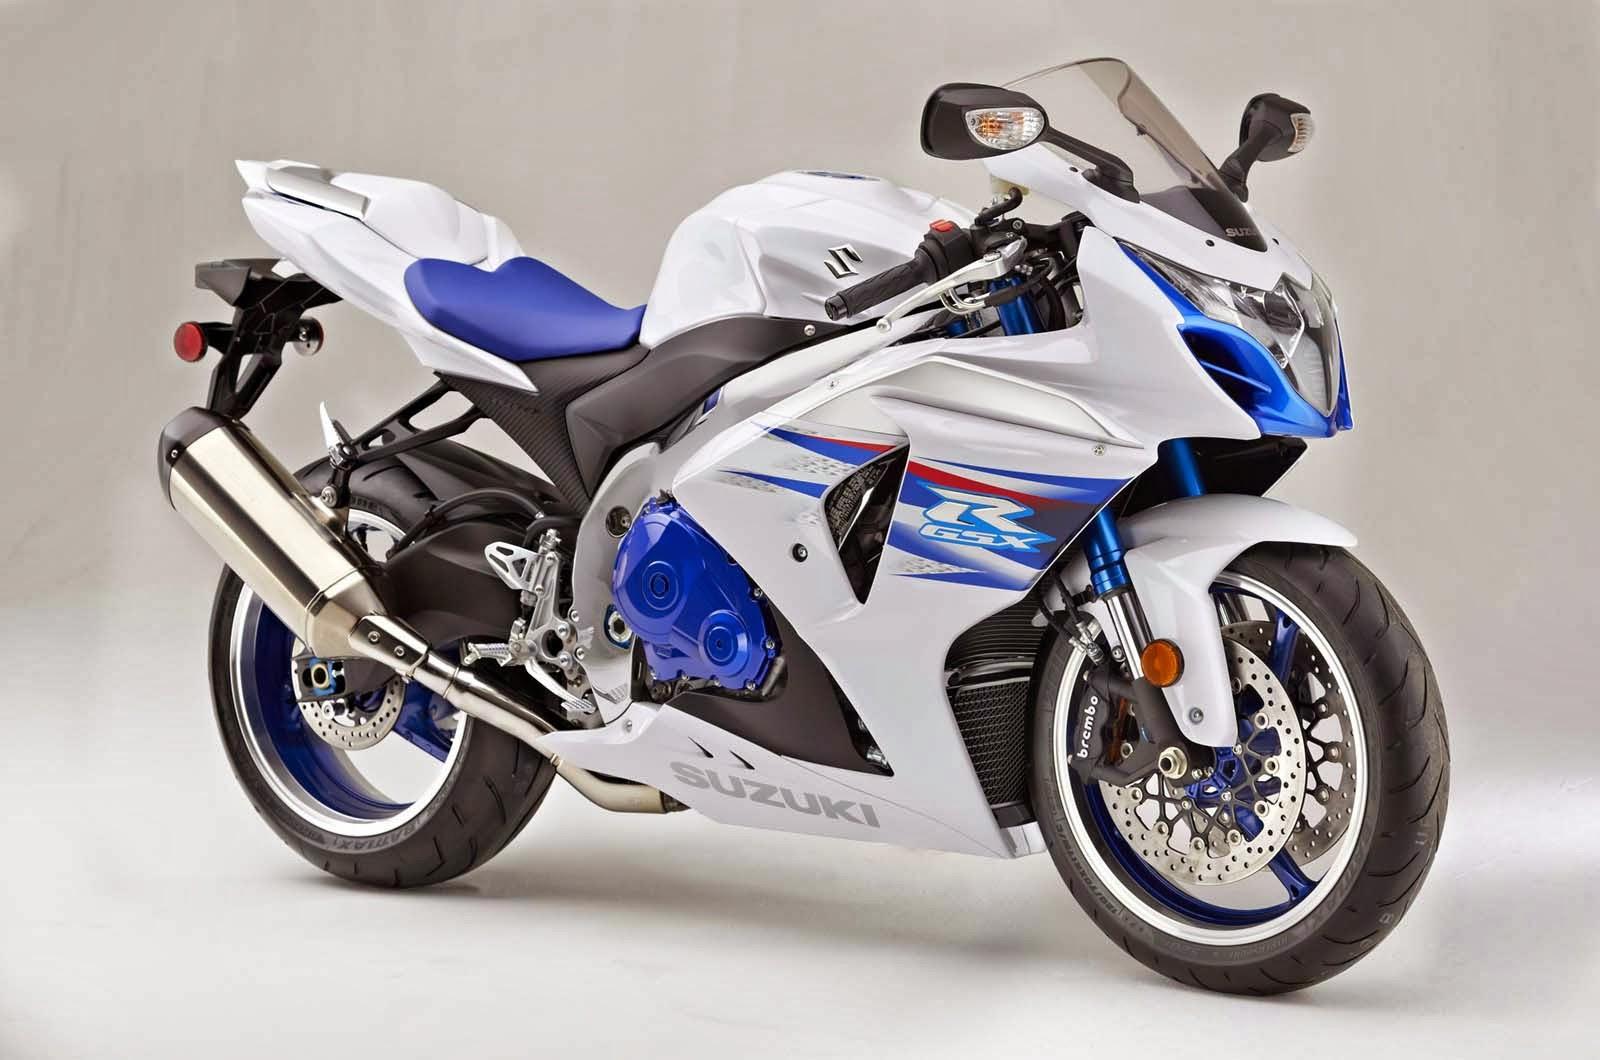 Daftar Harga Lengkap Motor Suzuki Terbaru Gambar Modifikasi